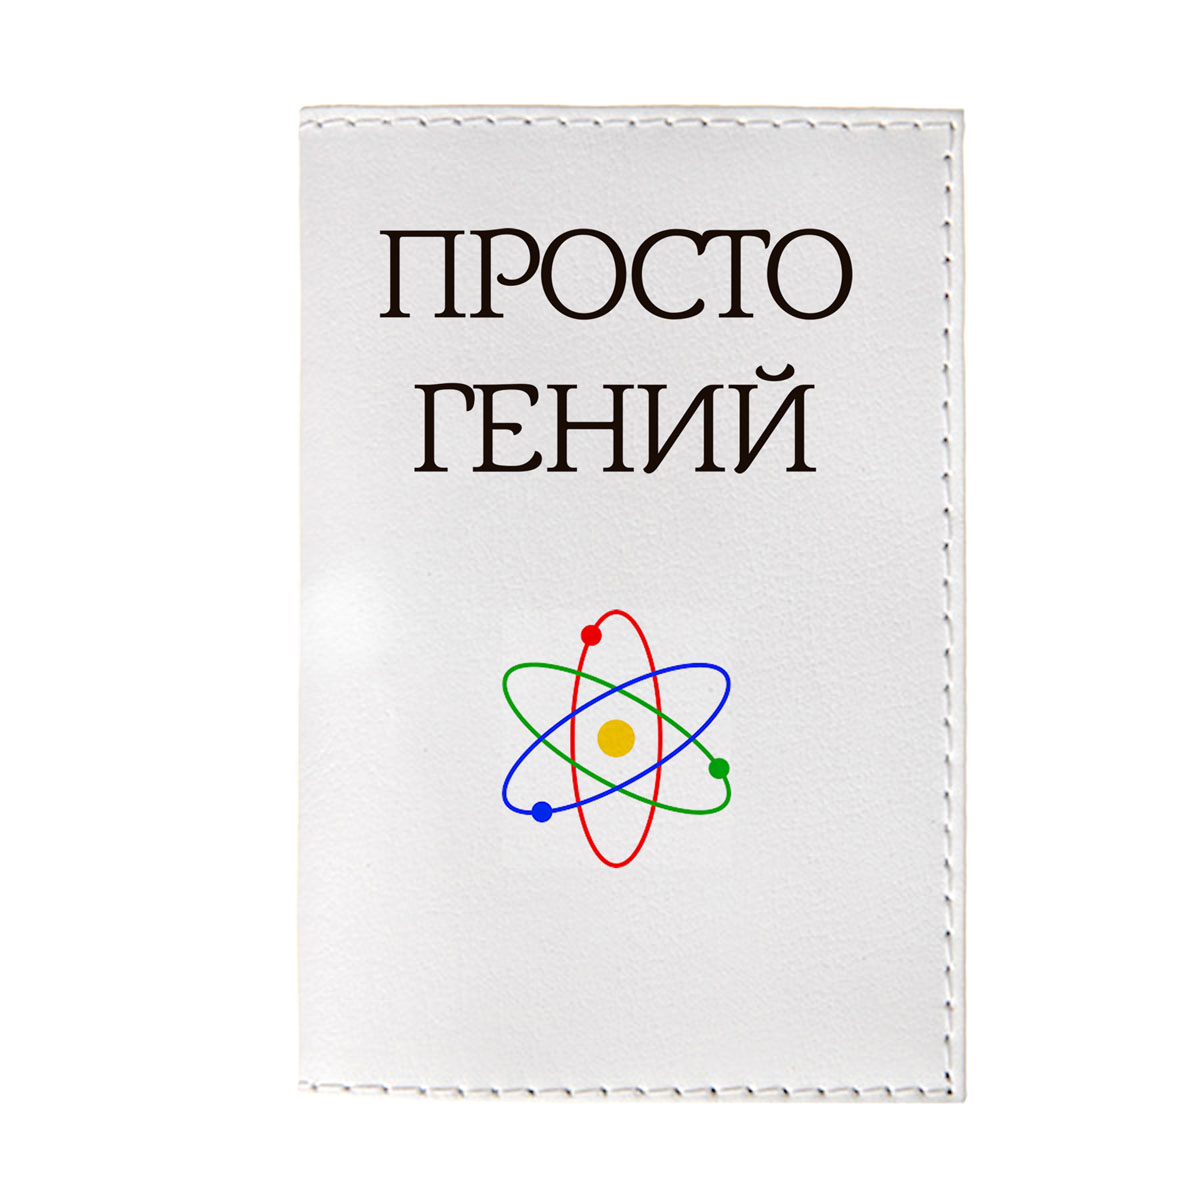 Обложка для паспорта Mitya Veselkov Просто гений, цвет: белый. OZAM39423/0121/219Обложка для паспорта Mitya Veselkov Просто гений не только поможет сохранить внешний вид ваших документов и защитить их от повреждений, но и станет стильным аксессуаром, идеально подходящим вашему образу.Она выполнена из поливинилхлорида, внутри имеет два вертикальных кармашка из прозрачного пластика.Такая обложка поможет вам подчеркнуть свою индивидуальность и неповторимость!Обложка для паспорта стильного дизайна может быть достойным и оригинальным подарком.